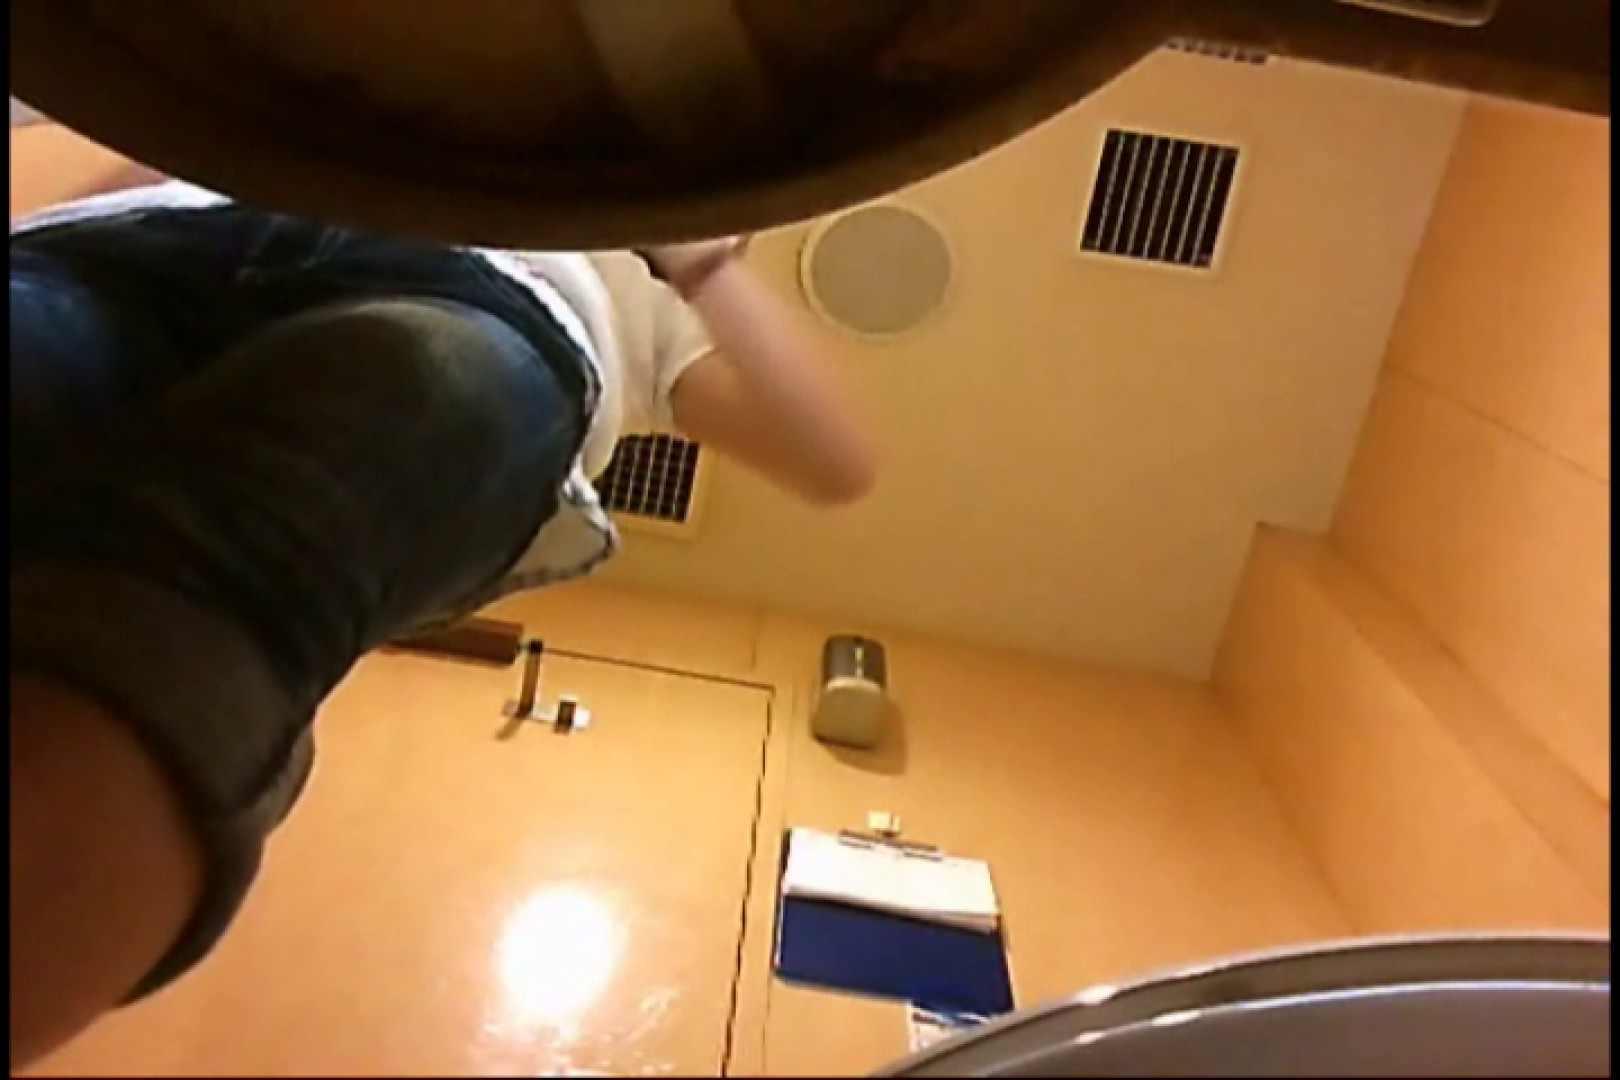 マダムが集まるデパートお手洗い Vol.46 お手洗い | エッチすぎるOL達  87連発 28